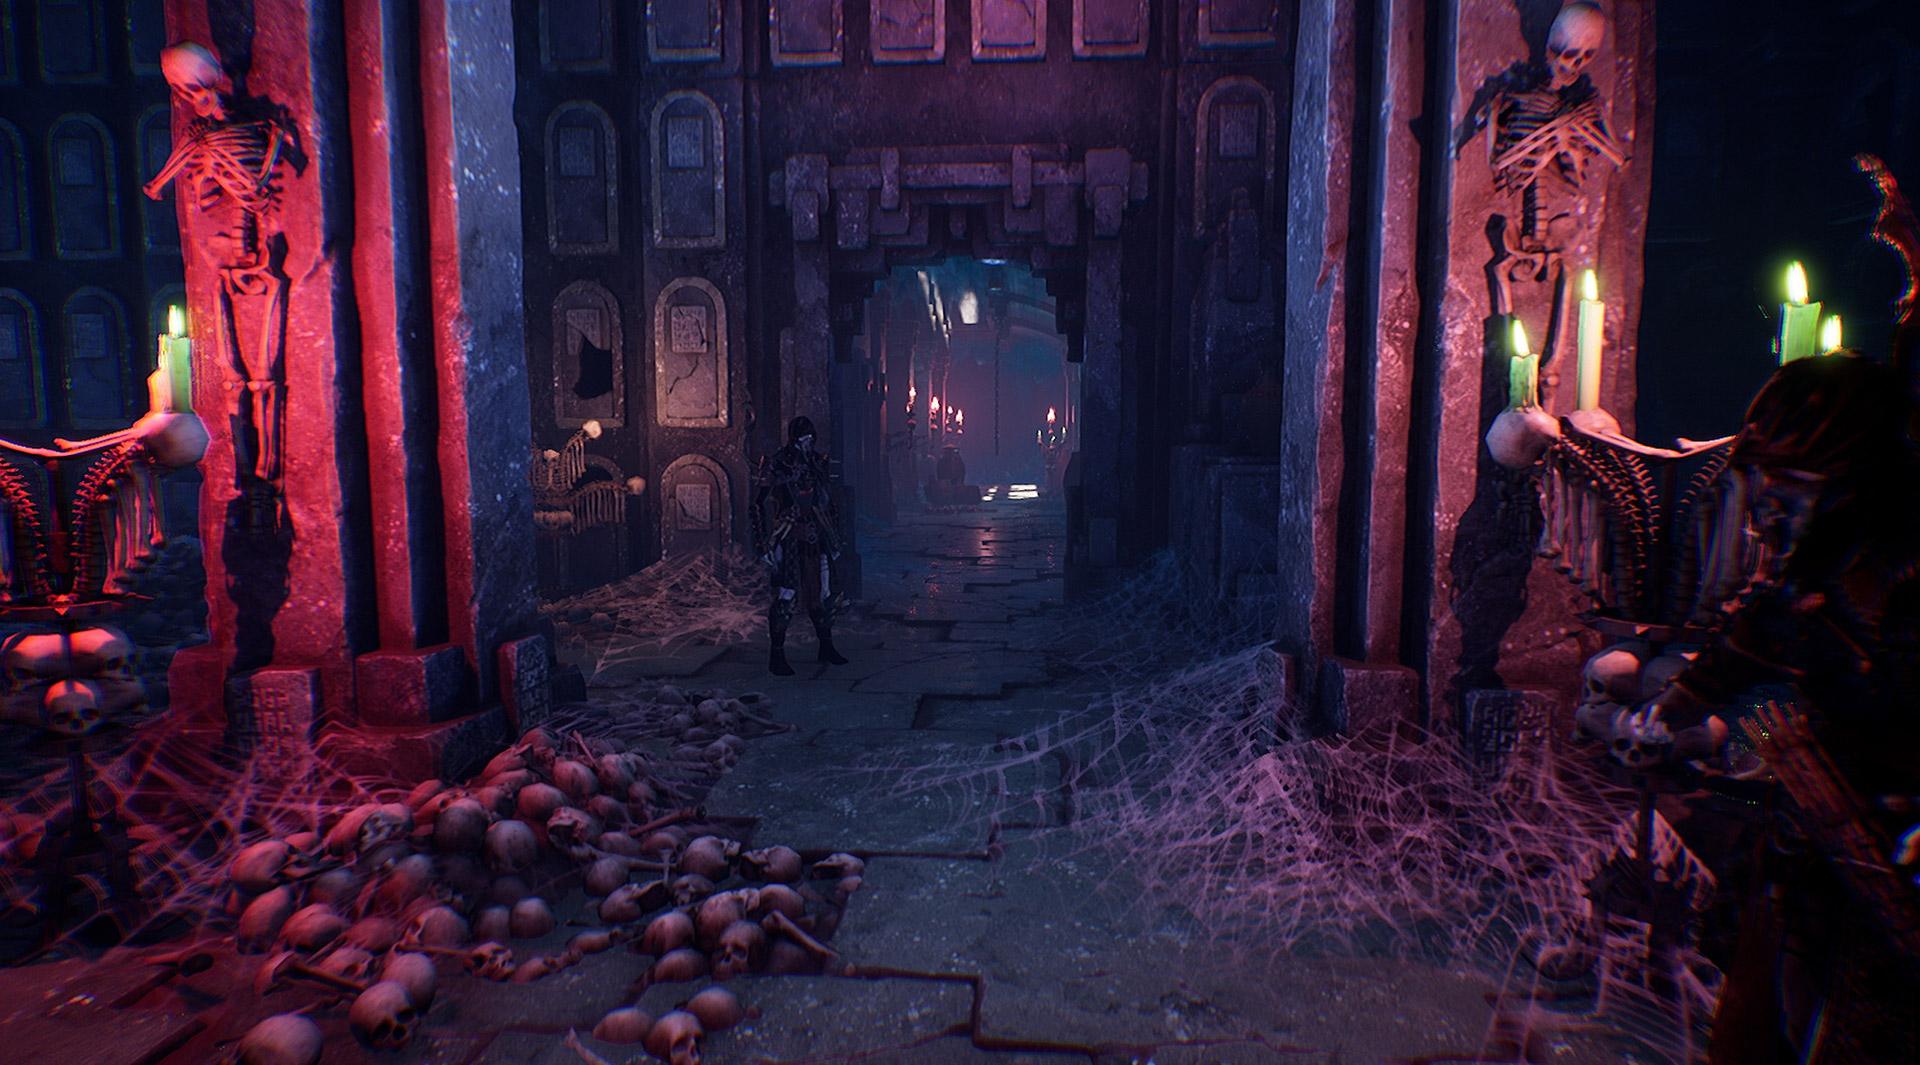 Project Lilith annunciato per PC da PlayWay, è un nuovo GDR fantasy